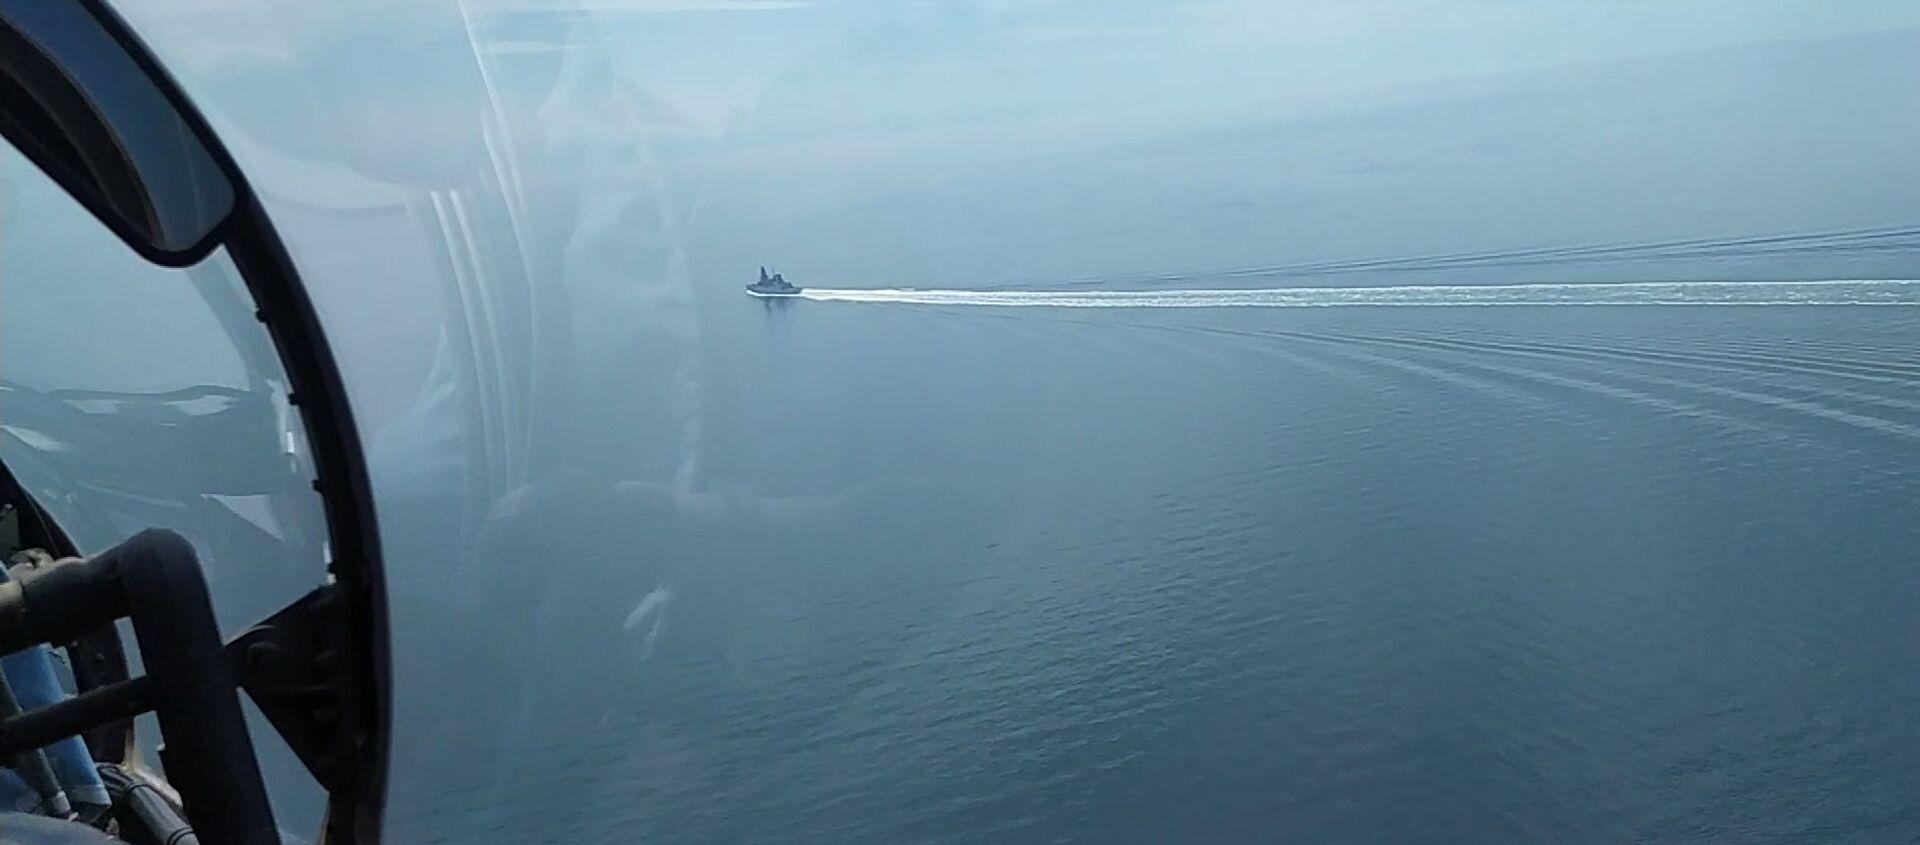 Le 23 juin, le destroyer britannique HMS Defender a traversé la frontière russe - Sputnik France, 1920, 27.06.2021